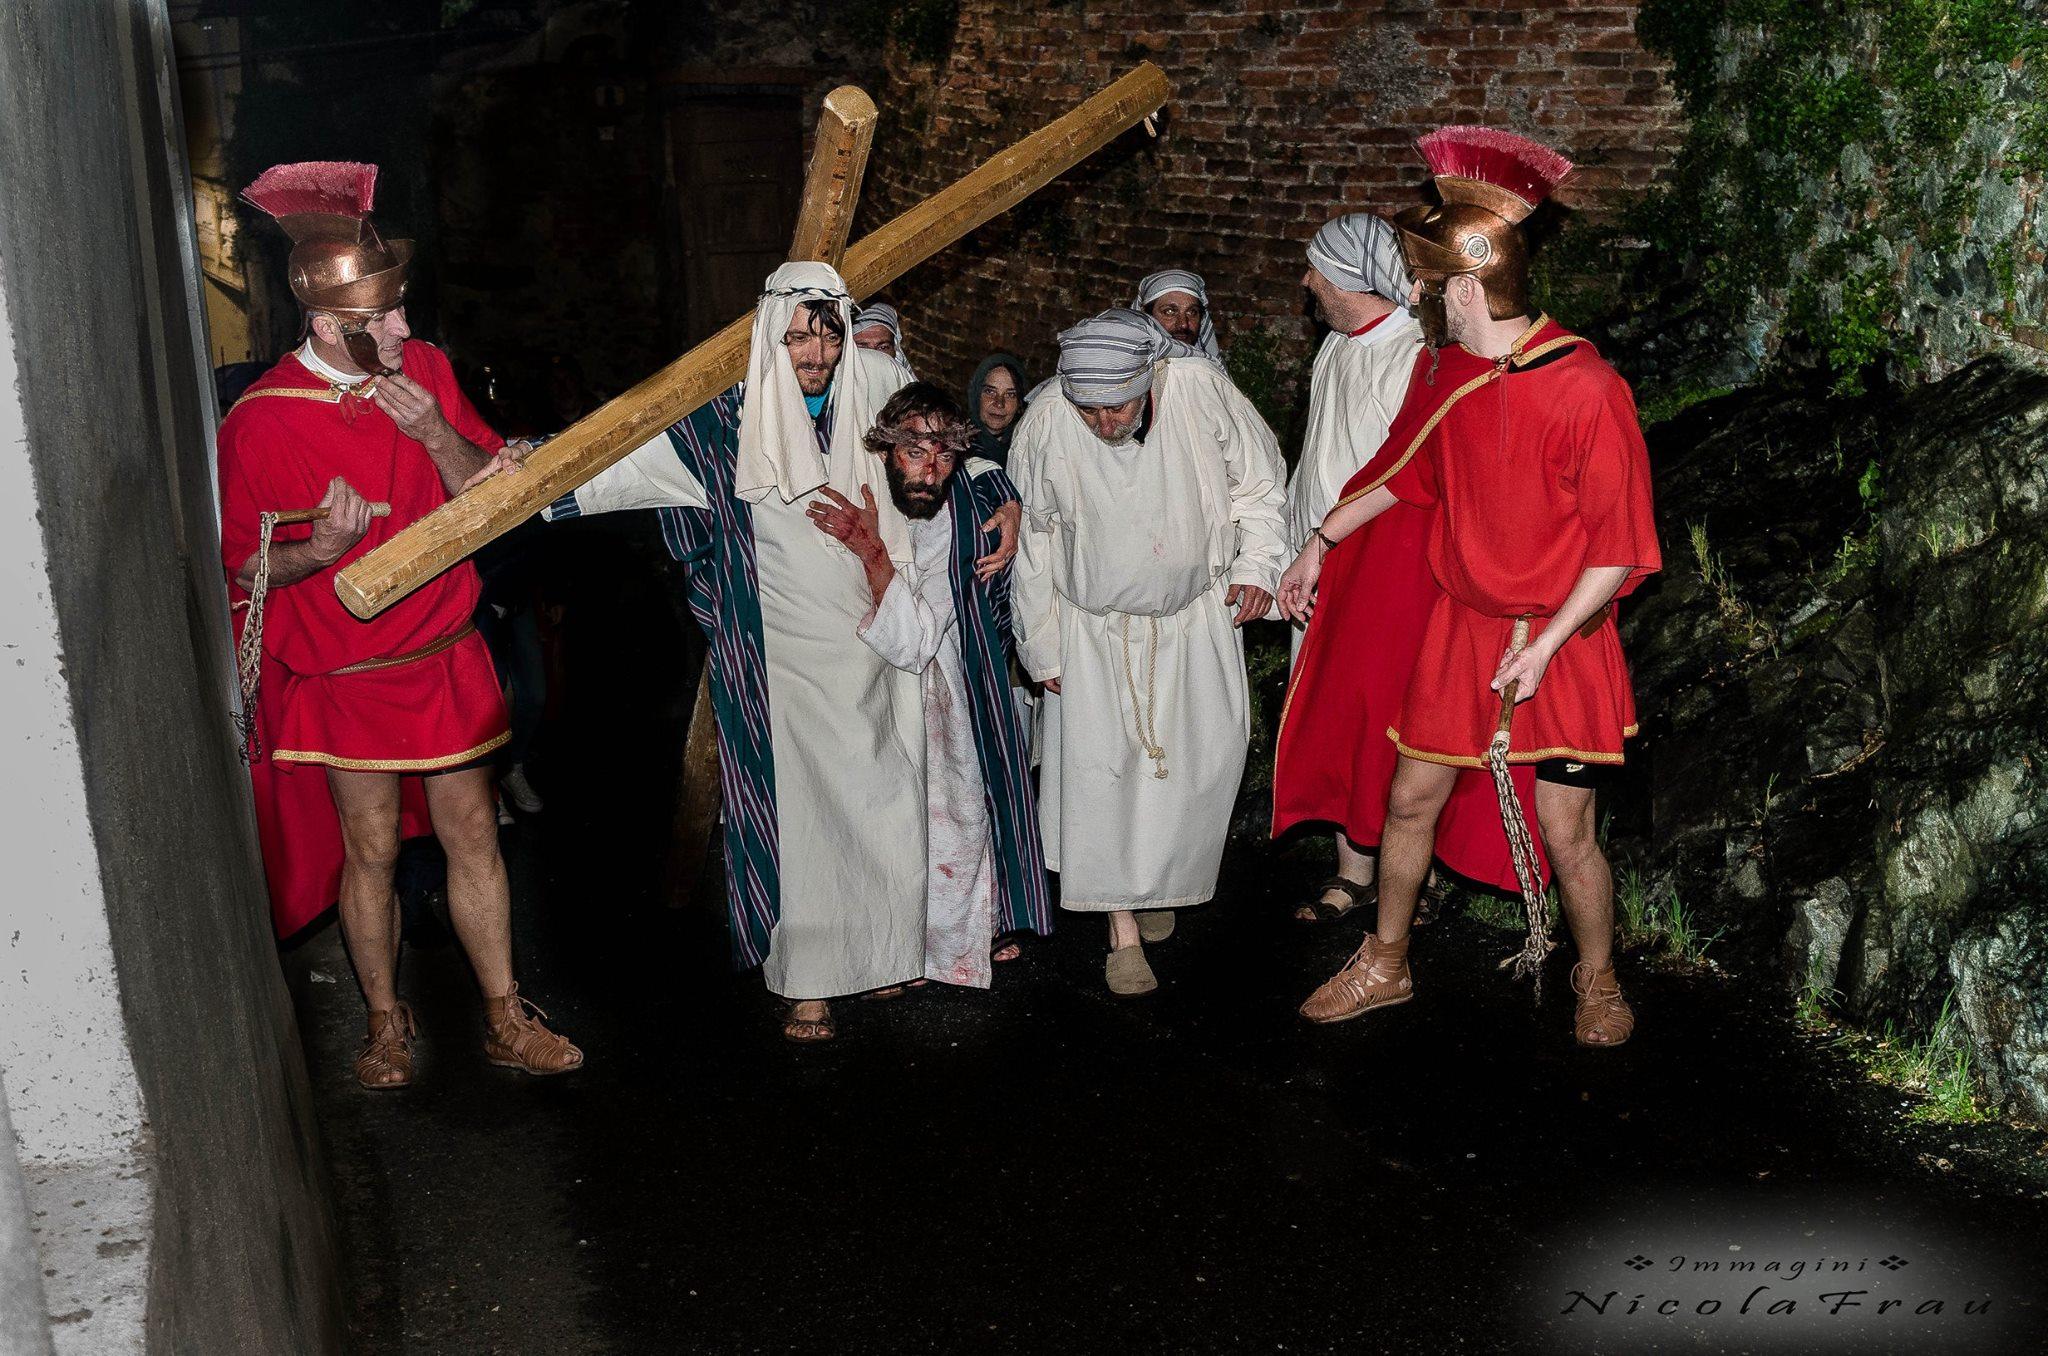 Passione di Cristo Ivrea 2017 - UNESCO - Nicola Frau (il Calvario del Cristo)